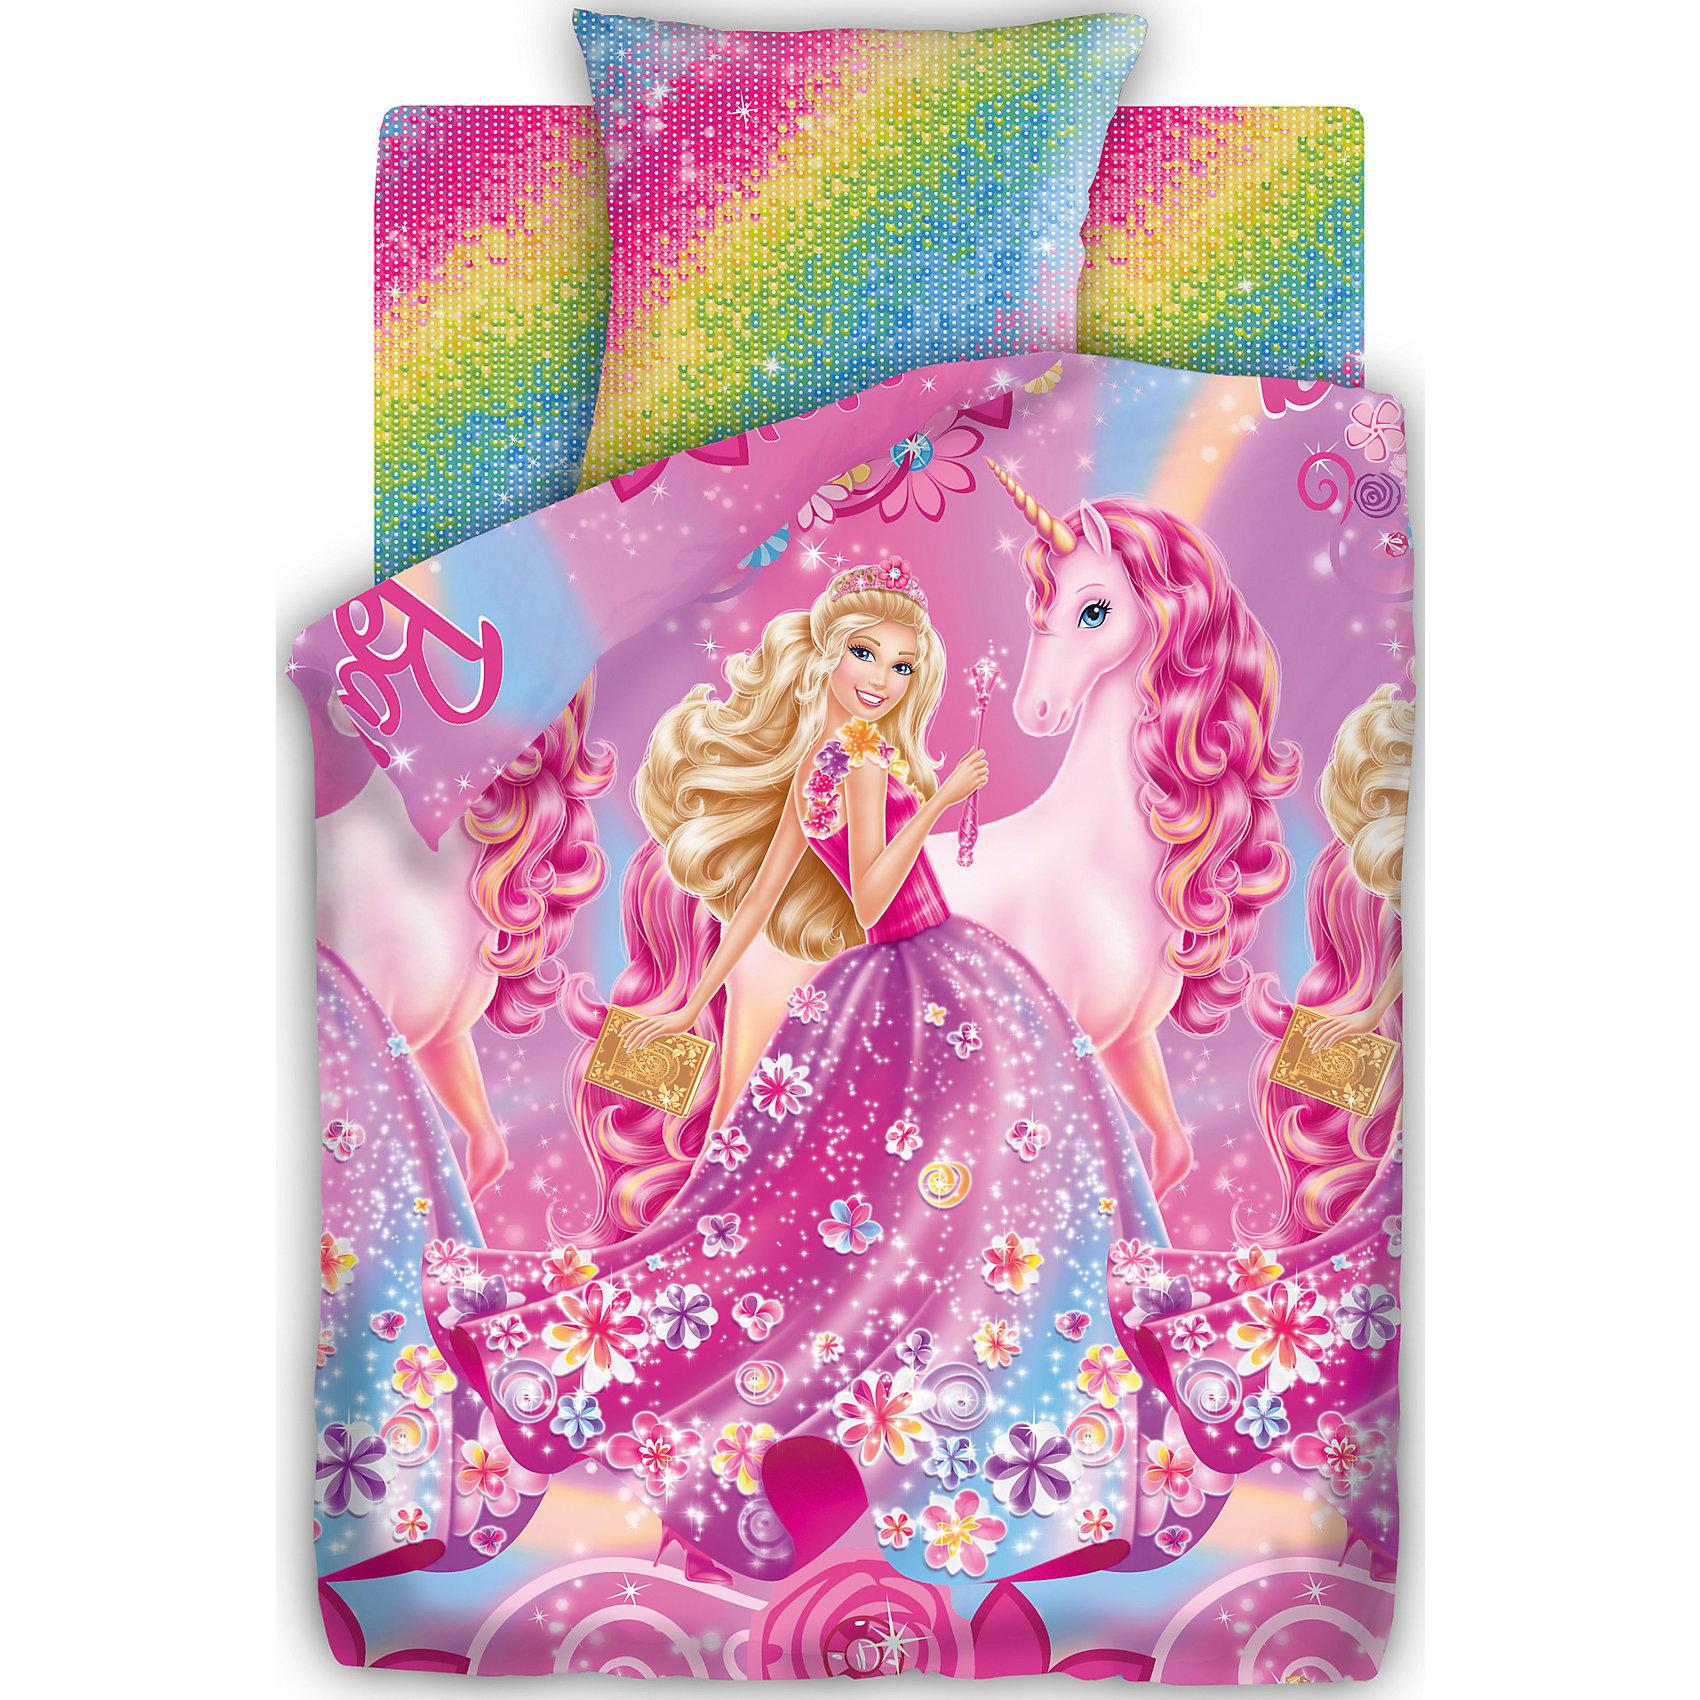 Комплект Барби, Принцесса АлексаКомплект Принцесса Алекса от бренда Барби<br><br>Этот комплект постельного белья создан специально для современных девочек. На нем изображена принцесса и единорог. Смотрится очень эффектно! Яркие цвета обеспечат девочкам настрой на яркие волшебные сны.<br>Комплект сшит из натурального хлопка. Этот материал не вызывает аллергии и раздражения, позволяет коже дышать, обеспечивает комфорт во время сна, легко стирается. Размеры всех предметов - стандартные для полутораспального комплекта, отлично подойдут для детской кровати и спальных принадлежностей.<br><br>Особенности комплекта:<br><br>пододеяльник: 143*215 см (1 шт.);<br>простыня: 150*214 см (1 шт.);<br>наволочка: 70*70 см (1шт.)<br>ткань: бязь (100% хлопок).<br><br>Комплект Принцесса Алекса от бренда Барби можно купить в нашем магазине<br><br>Ширина мм: 250<br>Глубина мм: 350<br>Высота мм: 70<br>Вес г: 1150<br>Возраст от месяцев: 36<br>Возраст до месяцев: 144<br>Пол: Унисекс<br>Возраст: Детский<br>SKU: 4660086